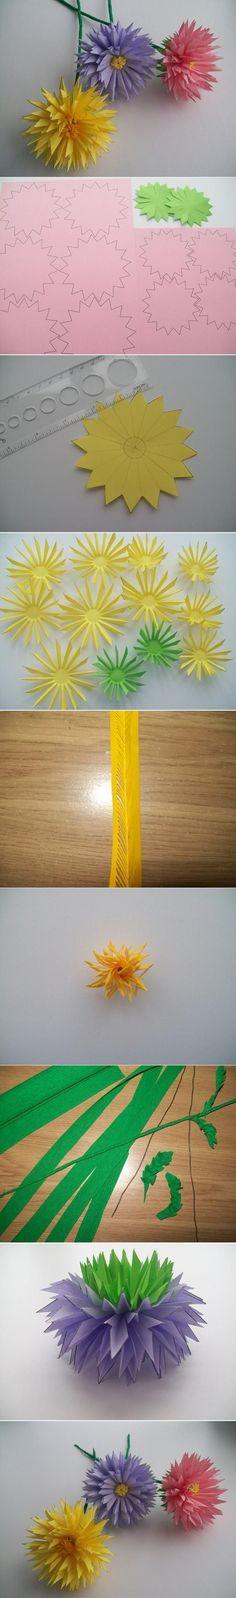 DIY Paper Asters